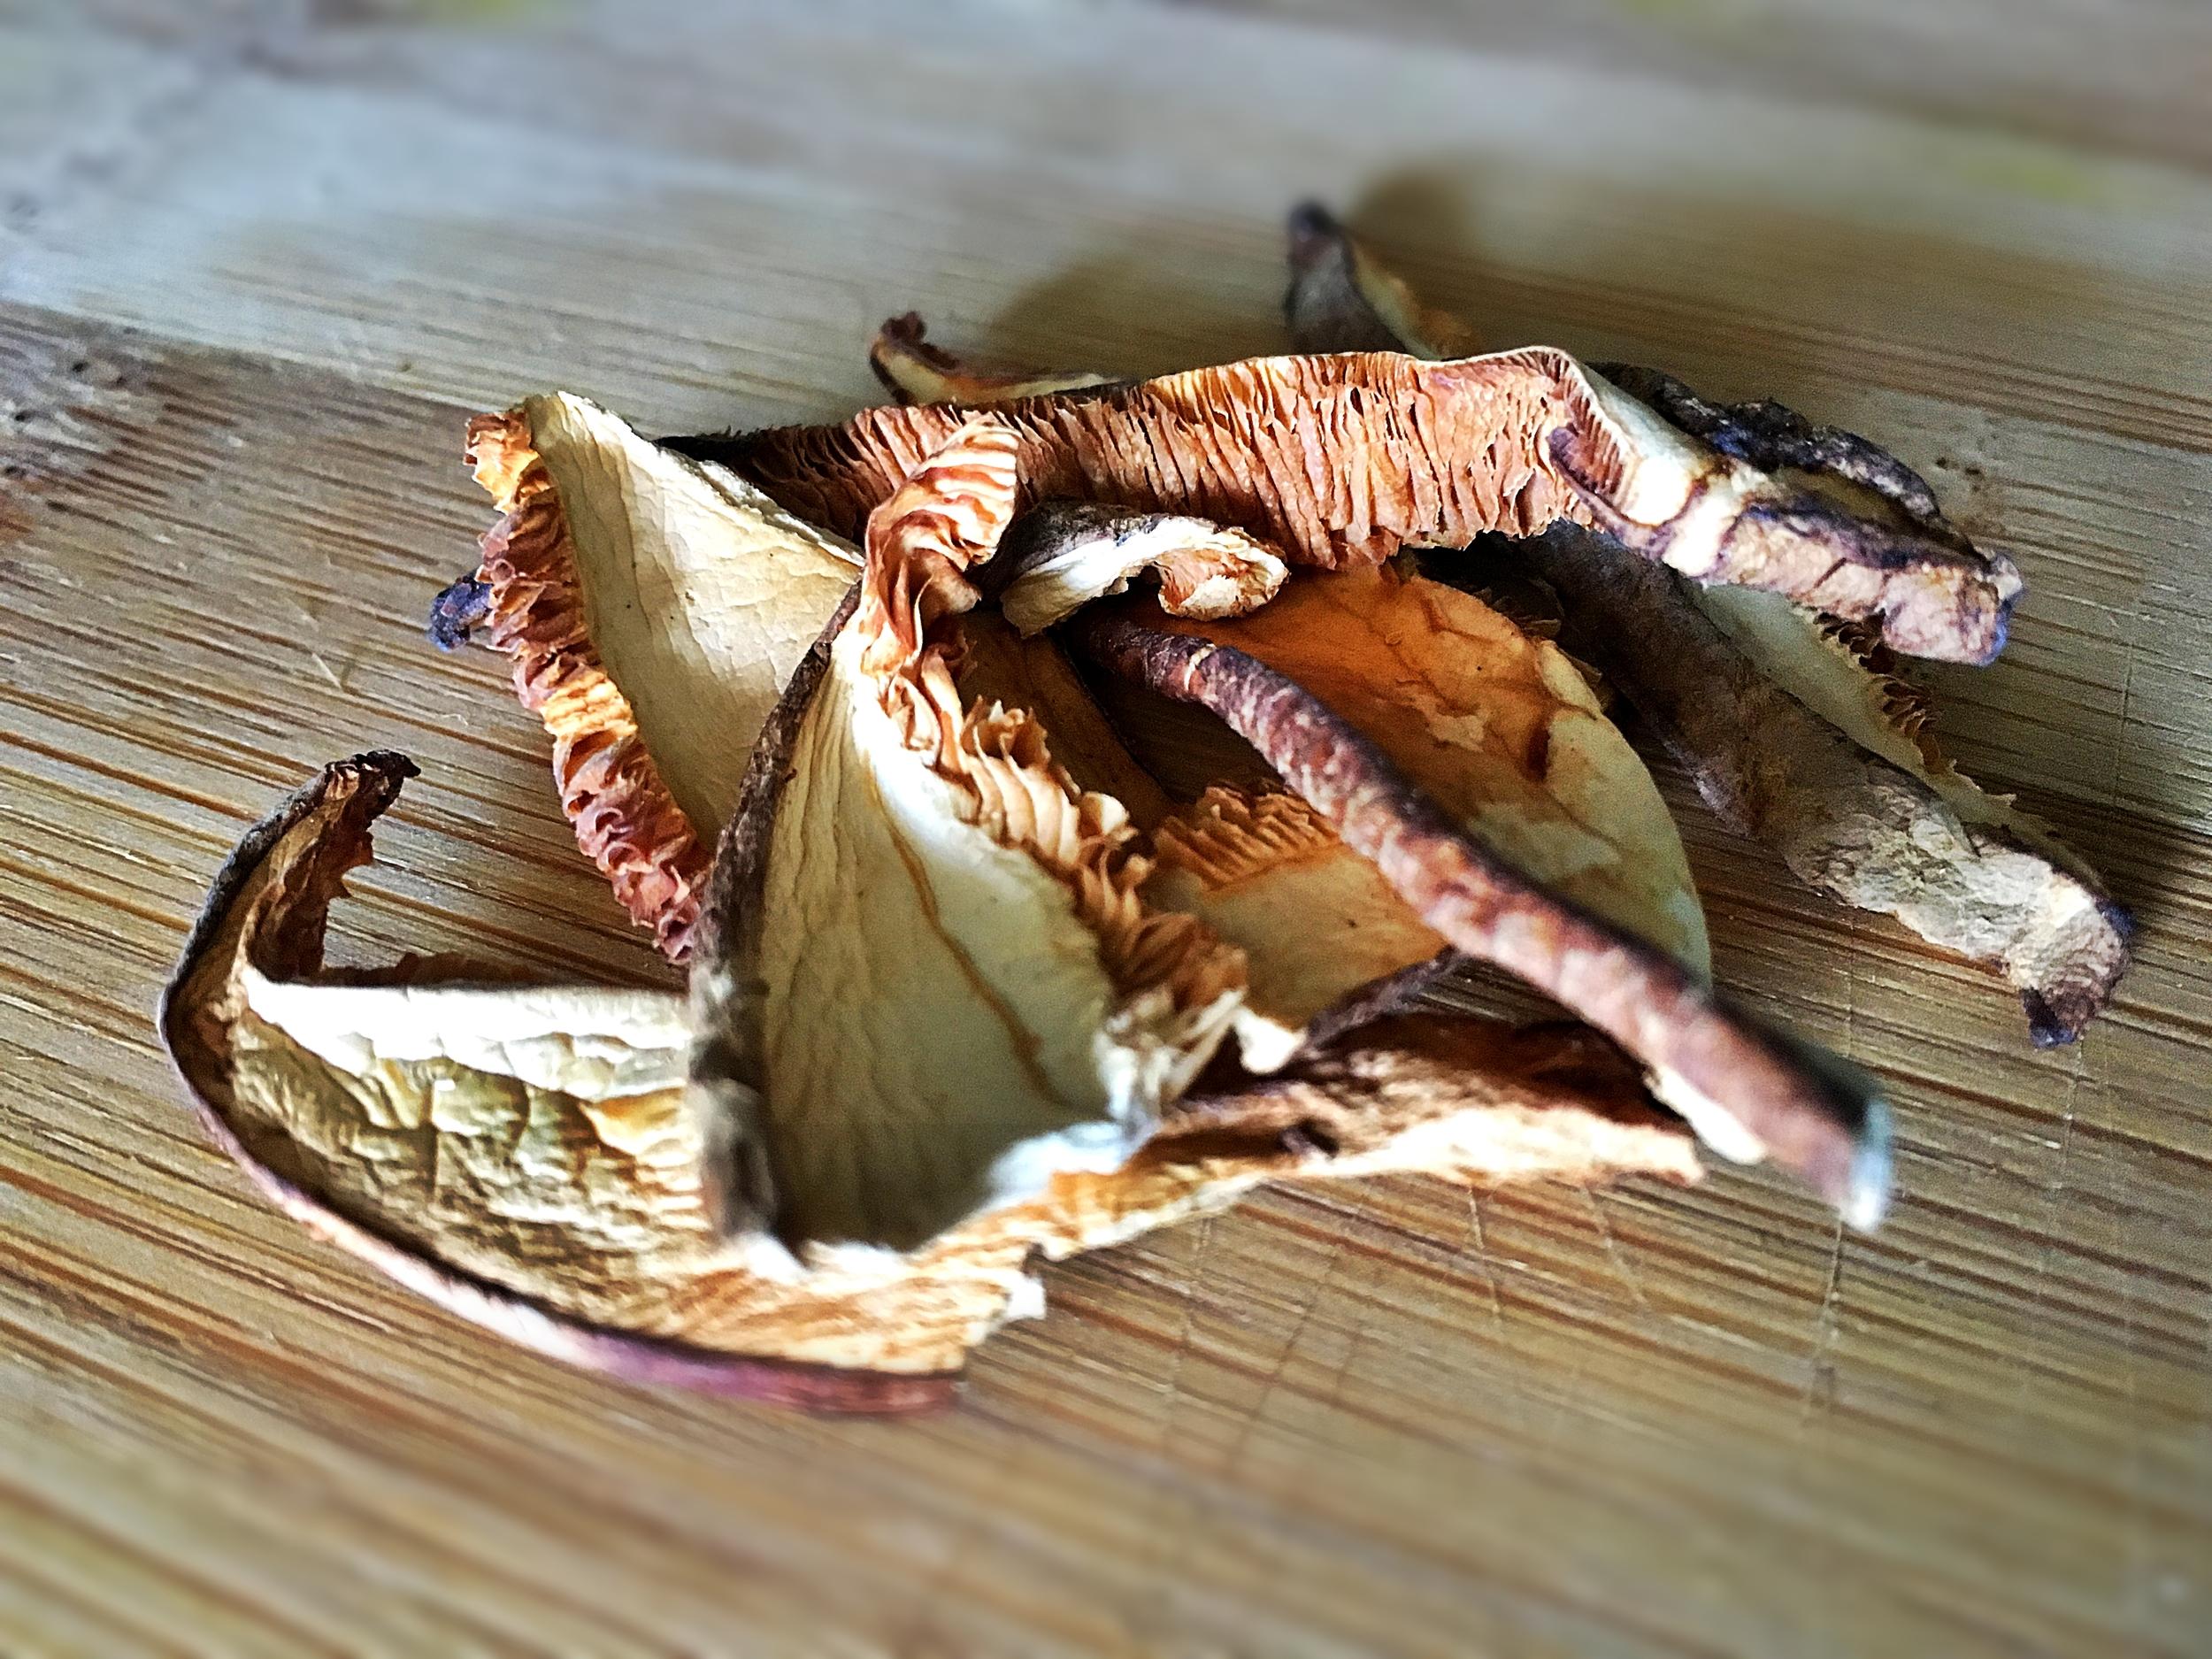 dried-shitake-mushrooms.jpg